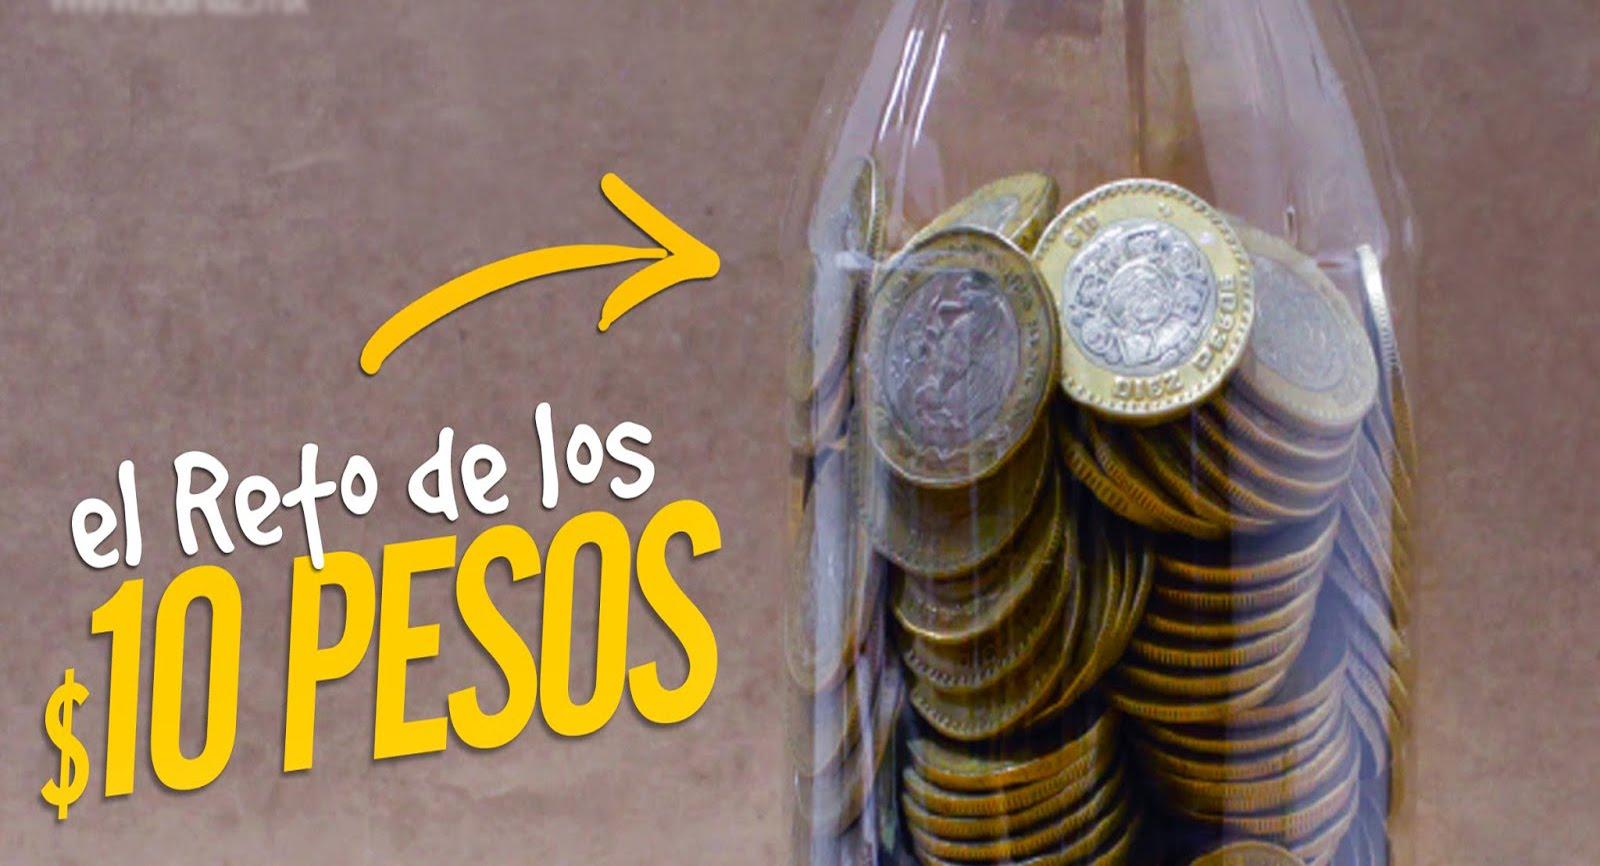 reto de los 10 pesos